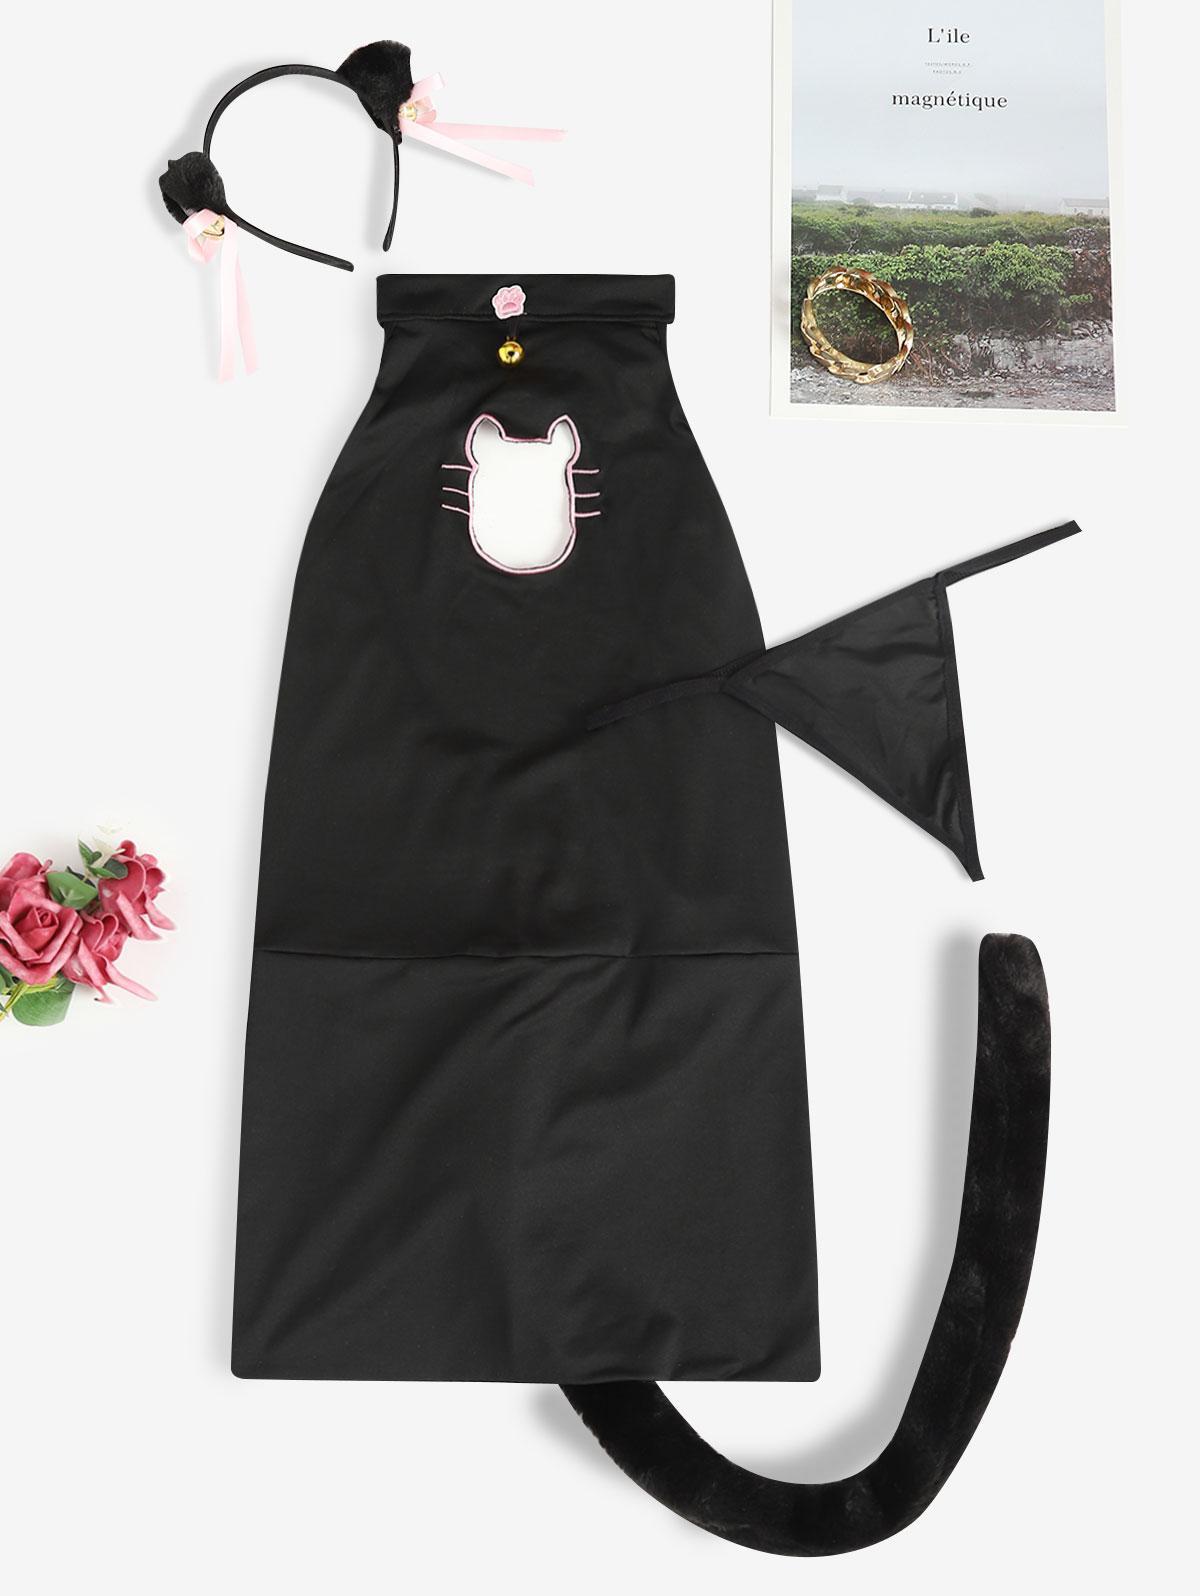 Costume de Chat Embelli de Cloche à Col Halter Taille unique - Zaful FR - Modalova